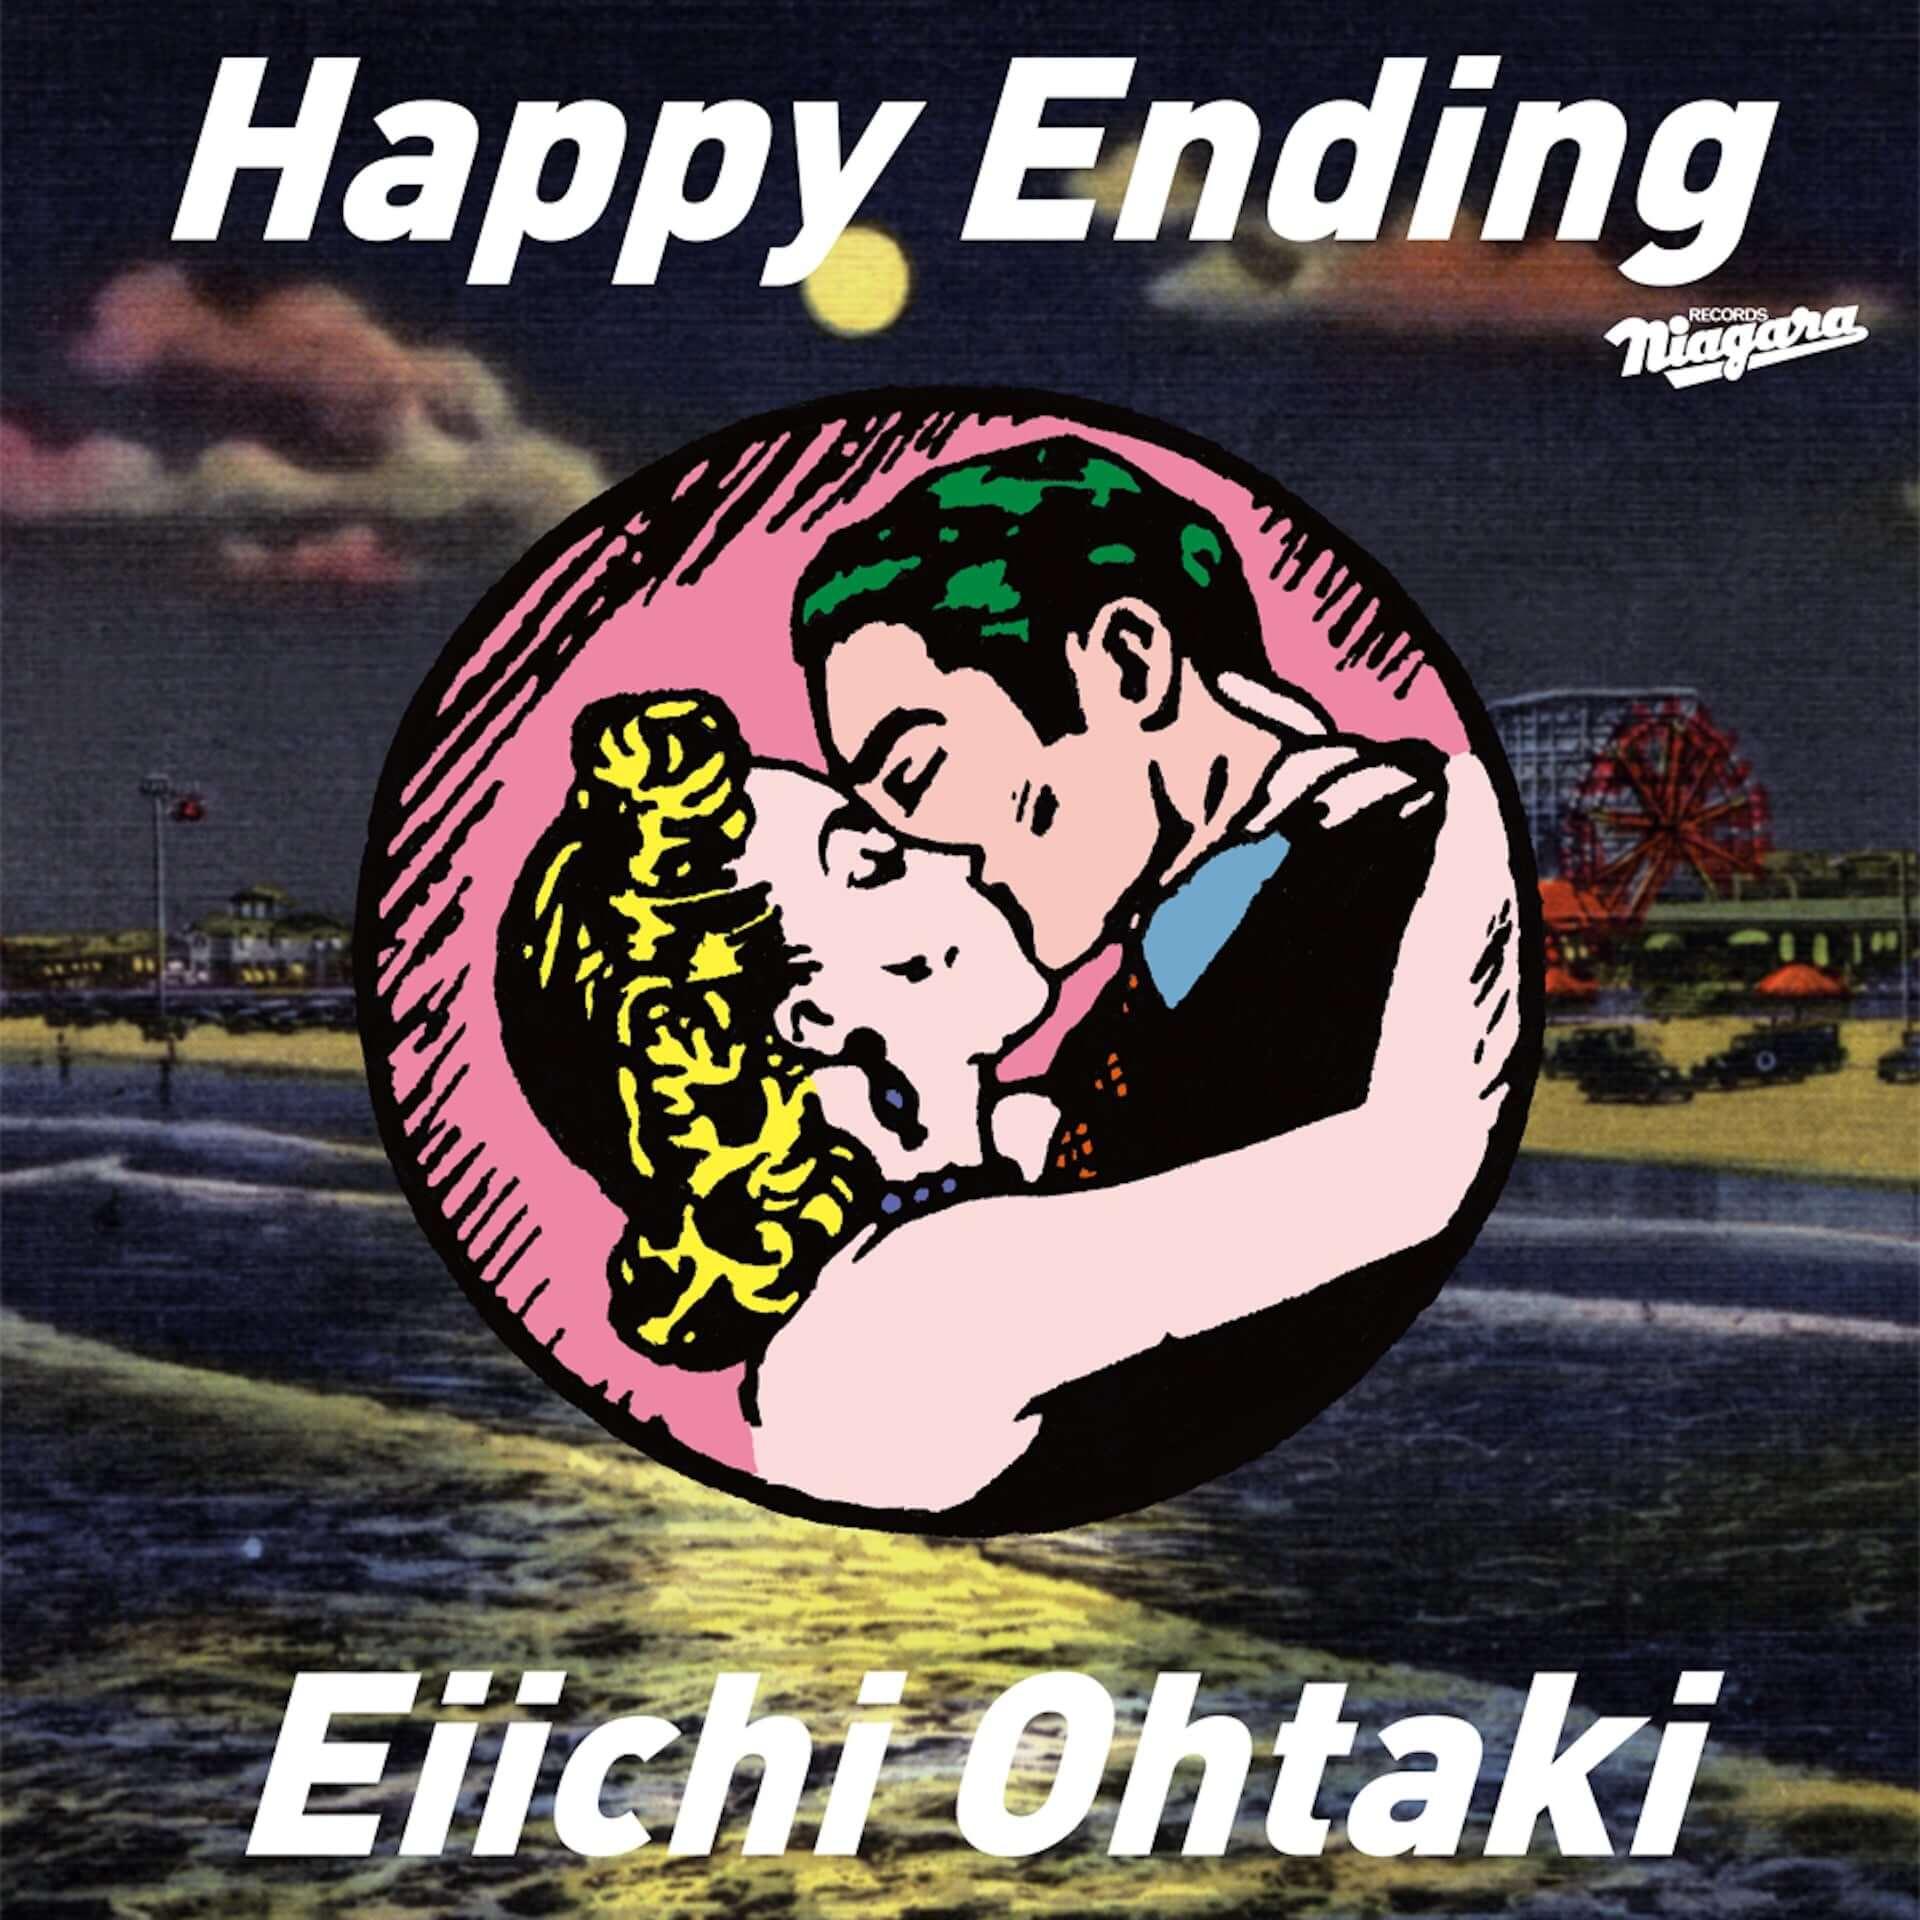 大滝詠一50周年記念盤『Happy Ending』のアナログ完全生産限定盤がアンコールプレス決定!<CITY POP on VINYL 2020>にも参加 music200615_happyending_1-1920x1920